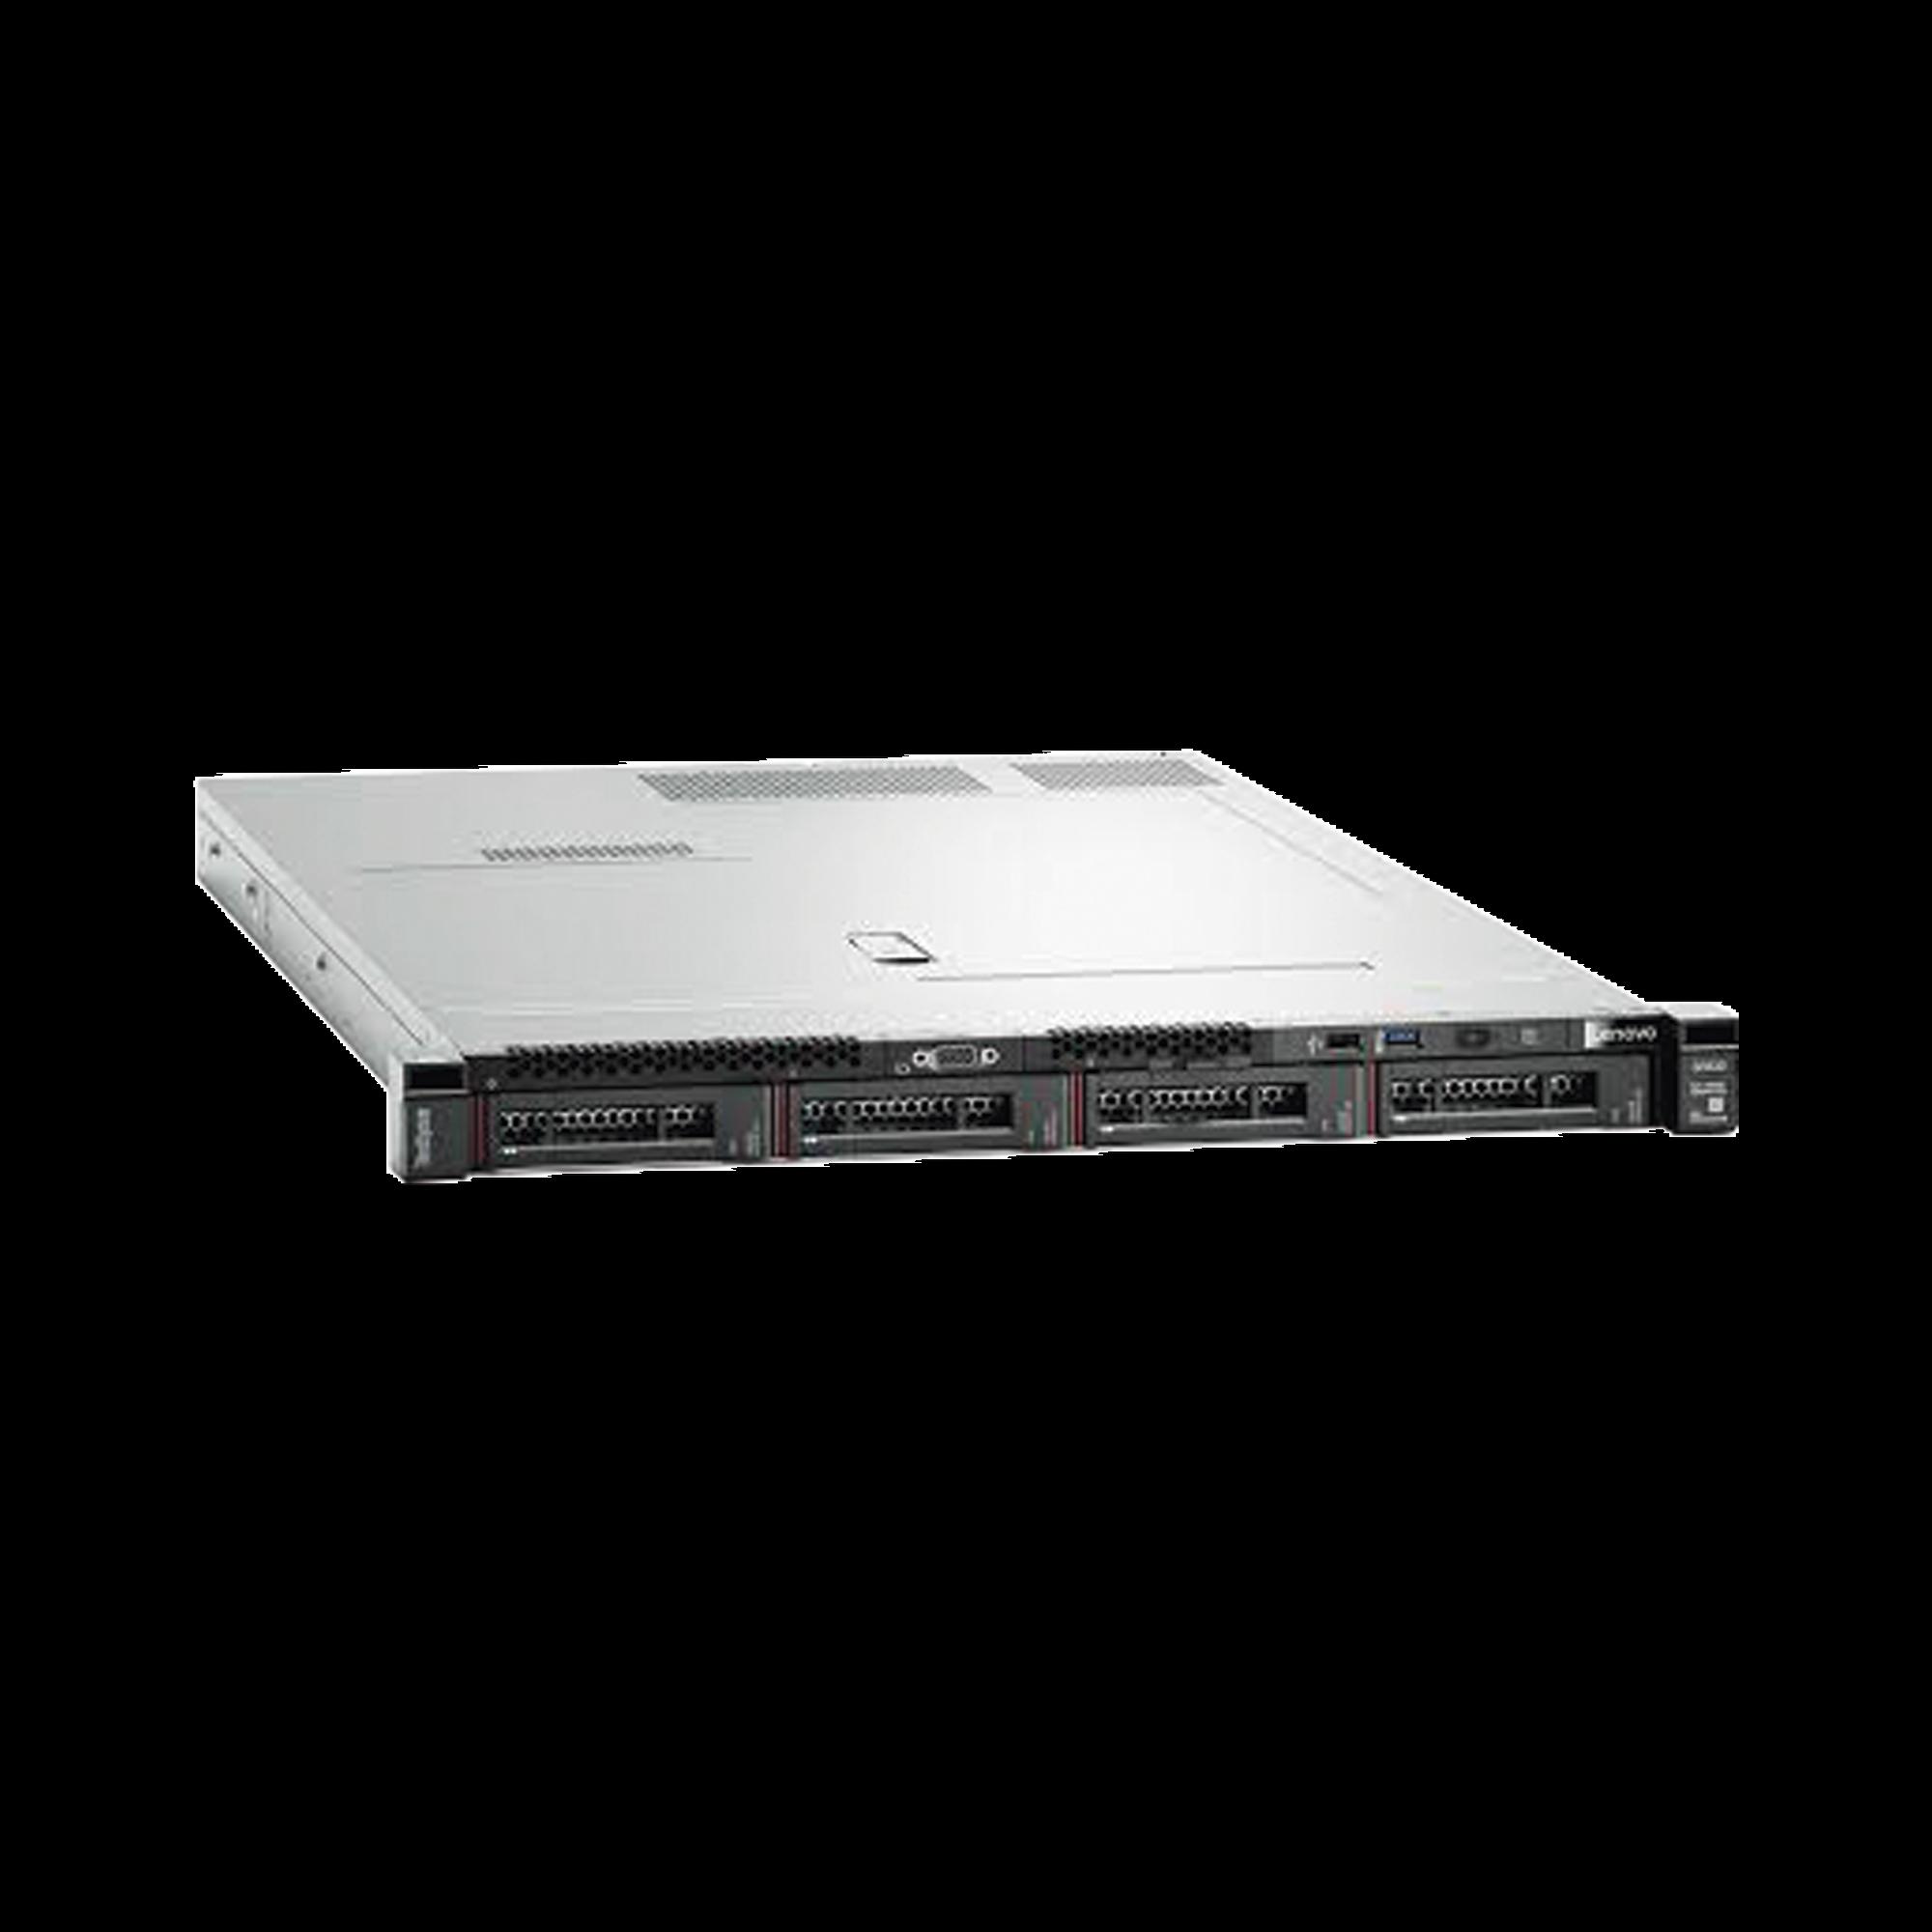 Servidor de administración / Intel Xeon / Dobre SSD 128GB  y SAS 1TB / Doble fuente / Hik-Central